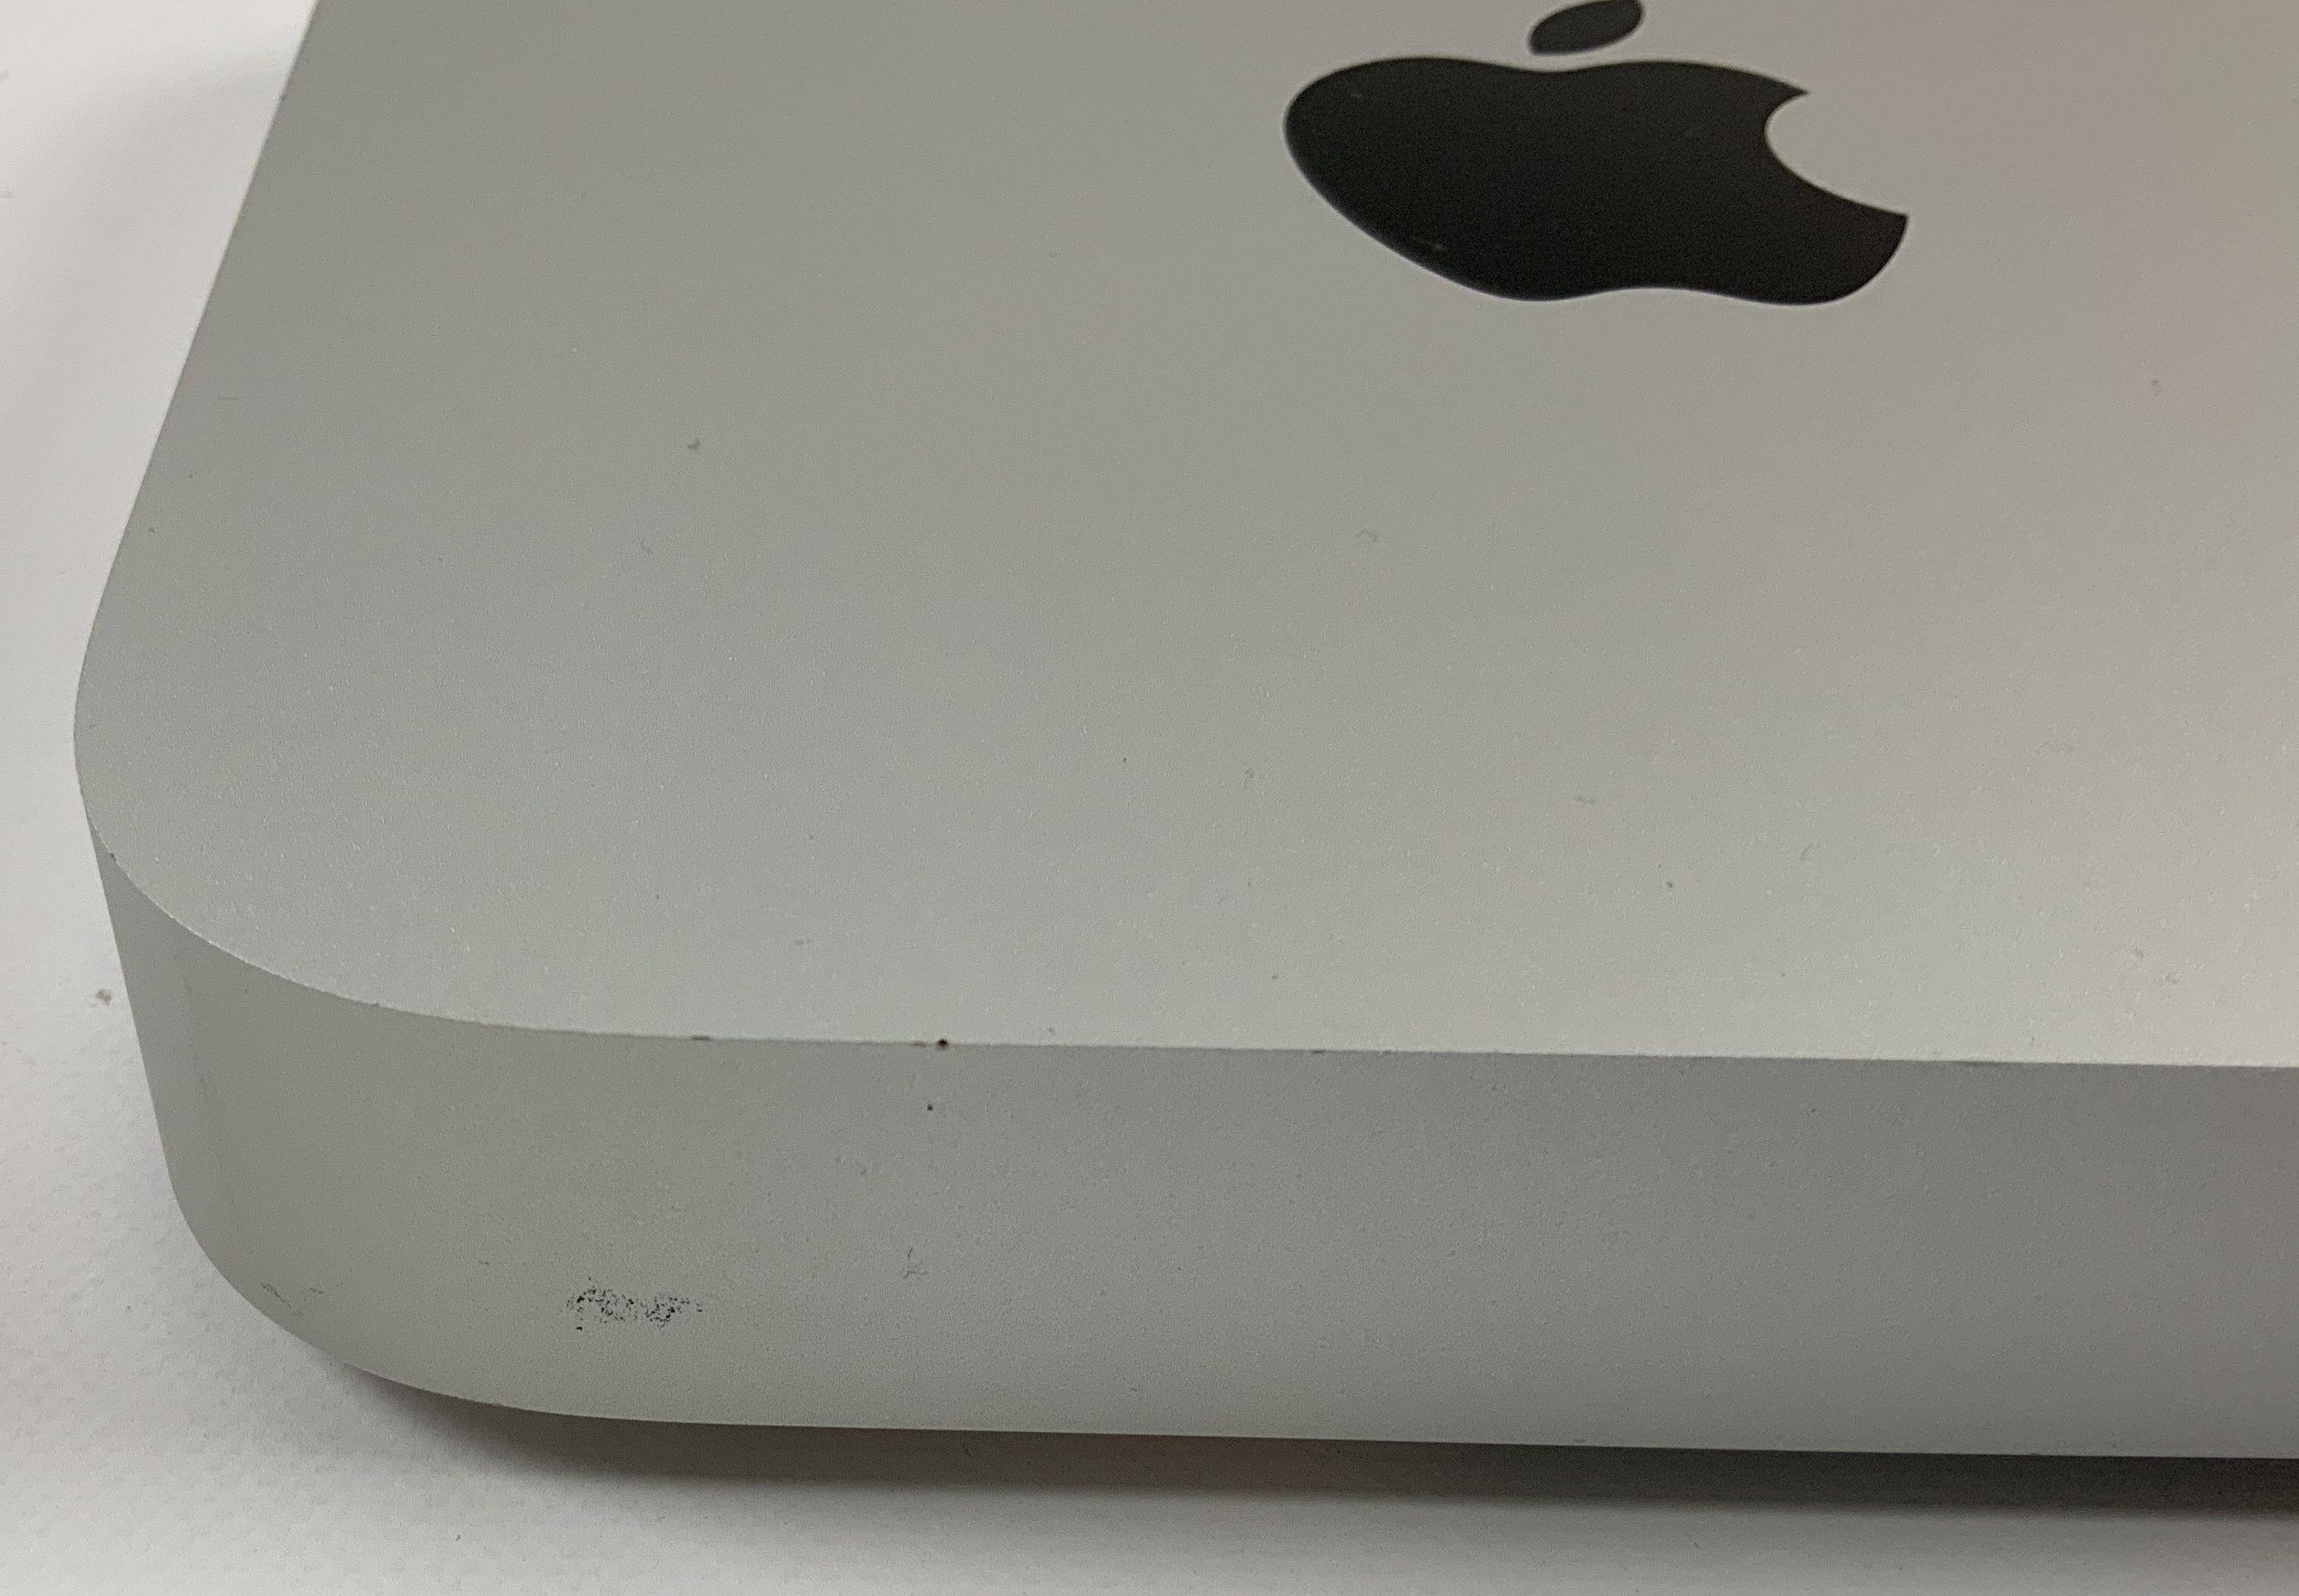 Mac Mini Late 2014 (Intel Core i5 2.6 GHz 8 GB RAM 1 TB HDD), Intel Core i5 2.6 GHz, 8 GB RAM, 1 TB HDD, image 4